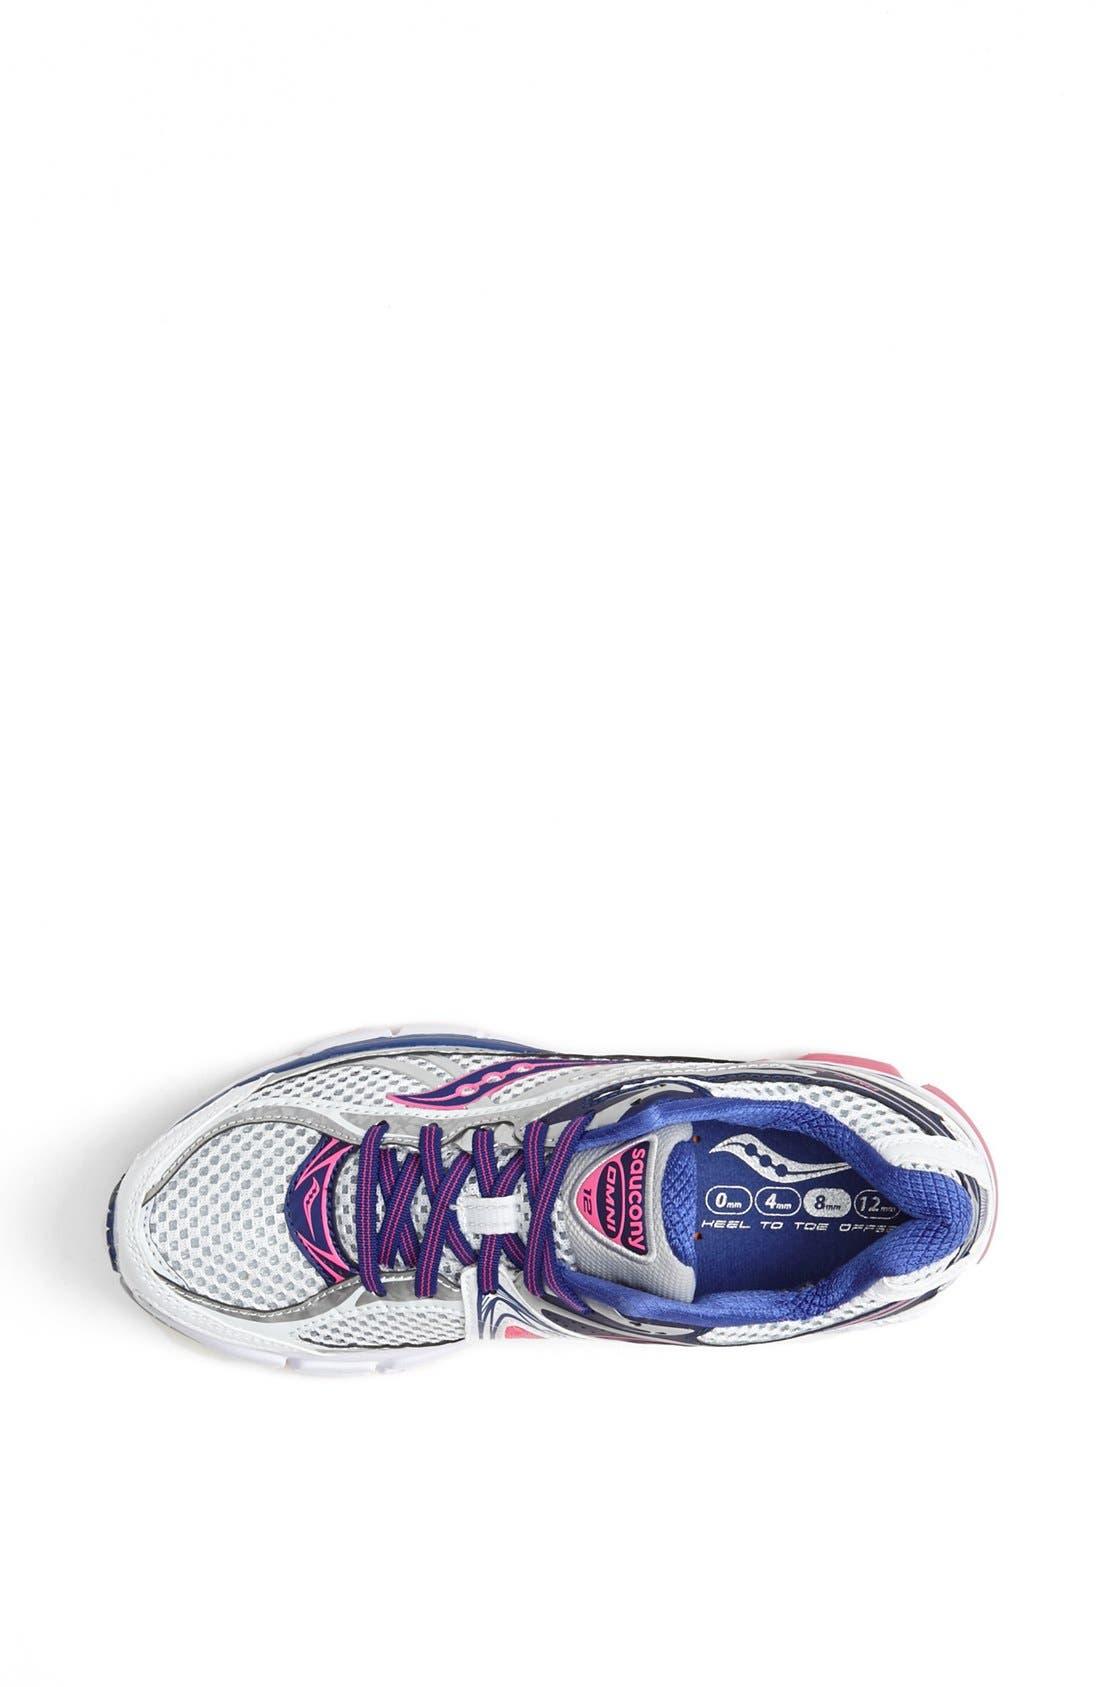 Alternate Image 3  - Saucony 'Omni 12' Running Shoe (Women)